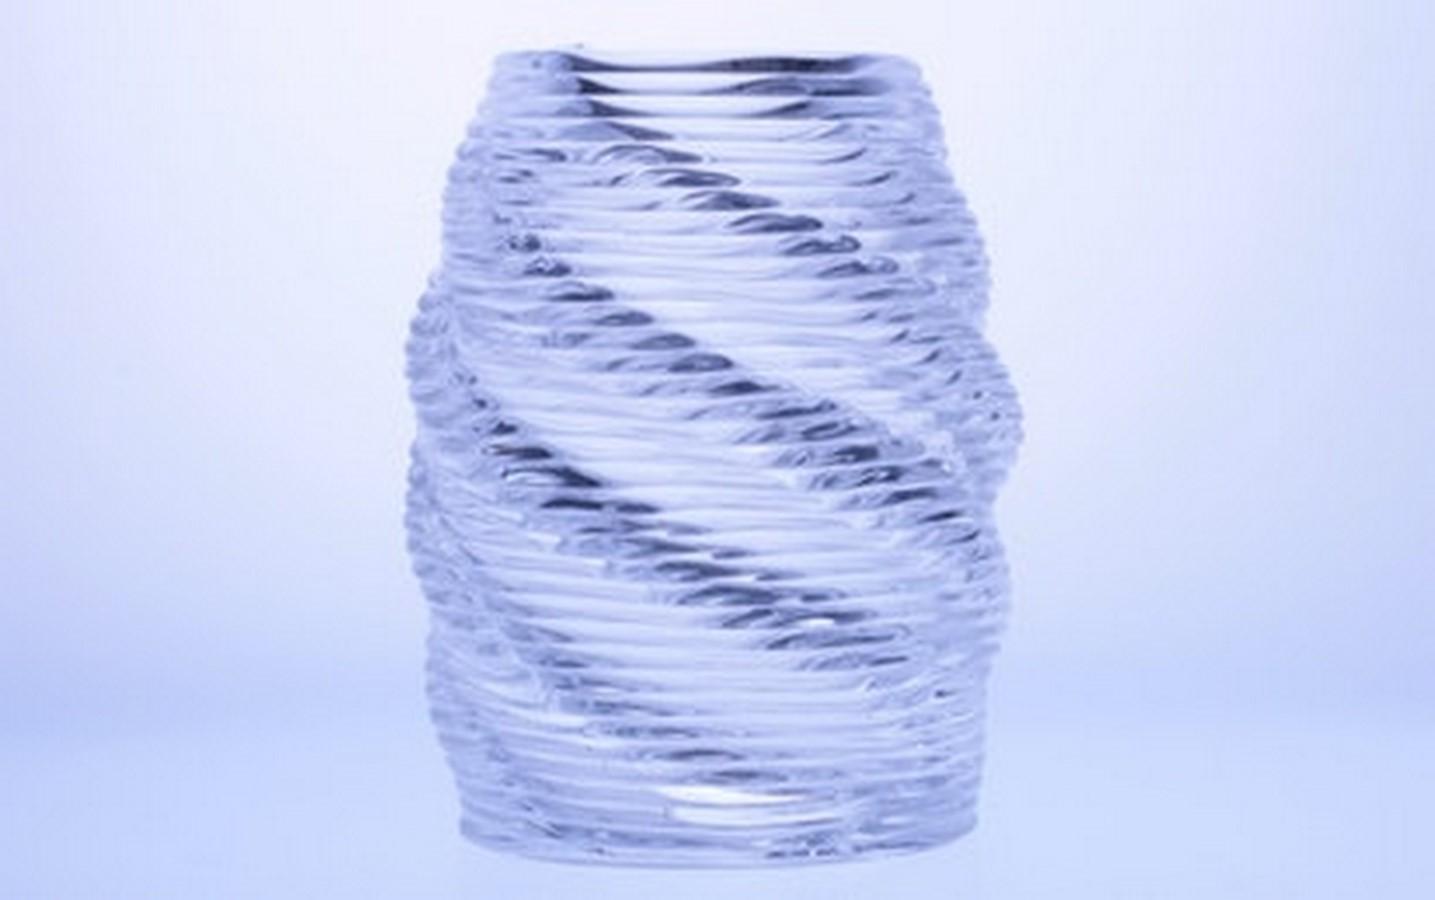 Glass 1 - sheet2